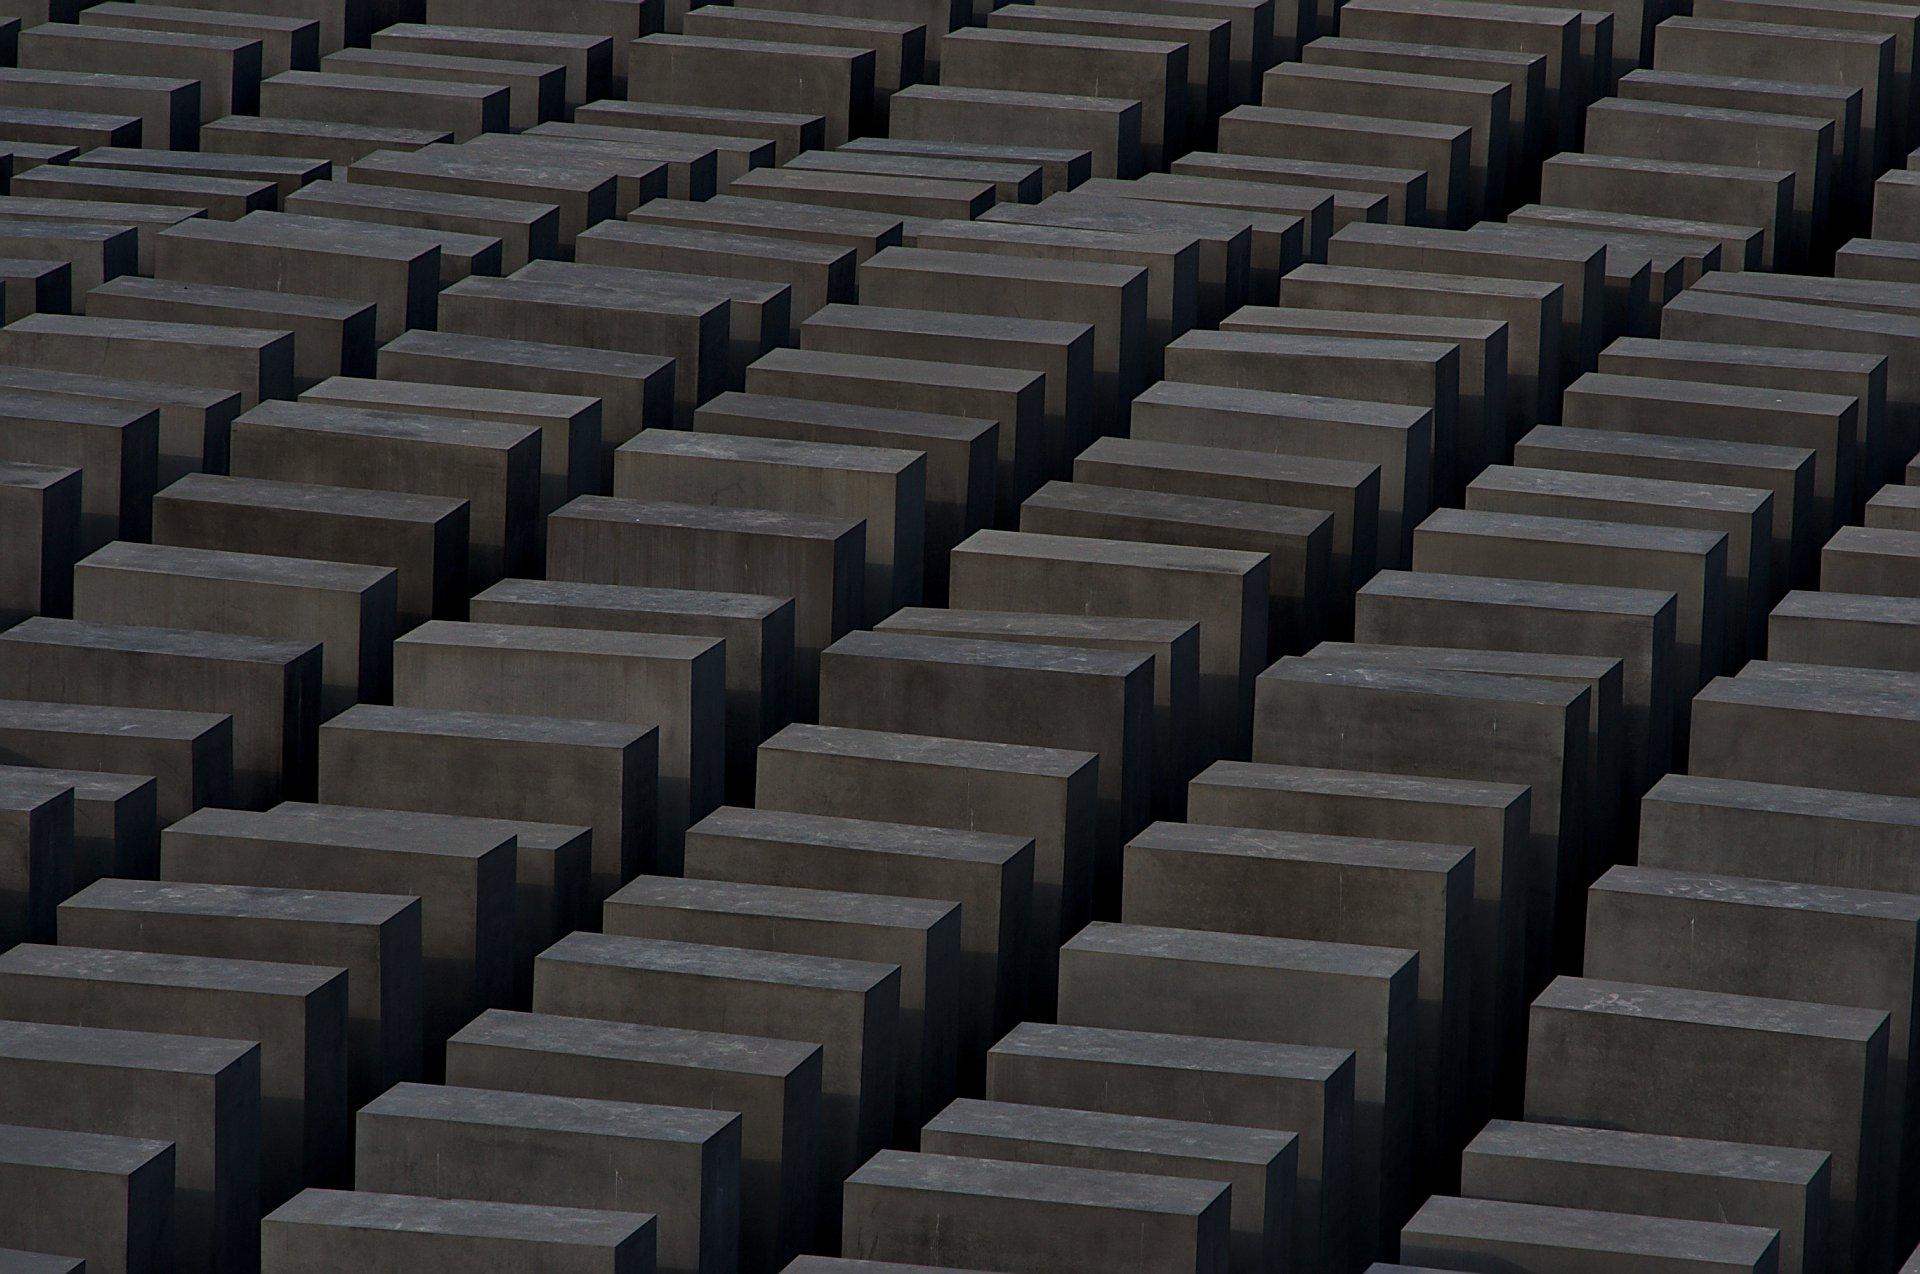 Denkmal für die ermordeten Juden Europast